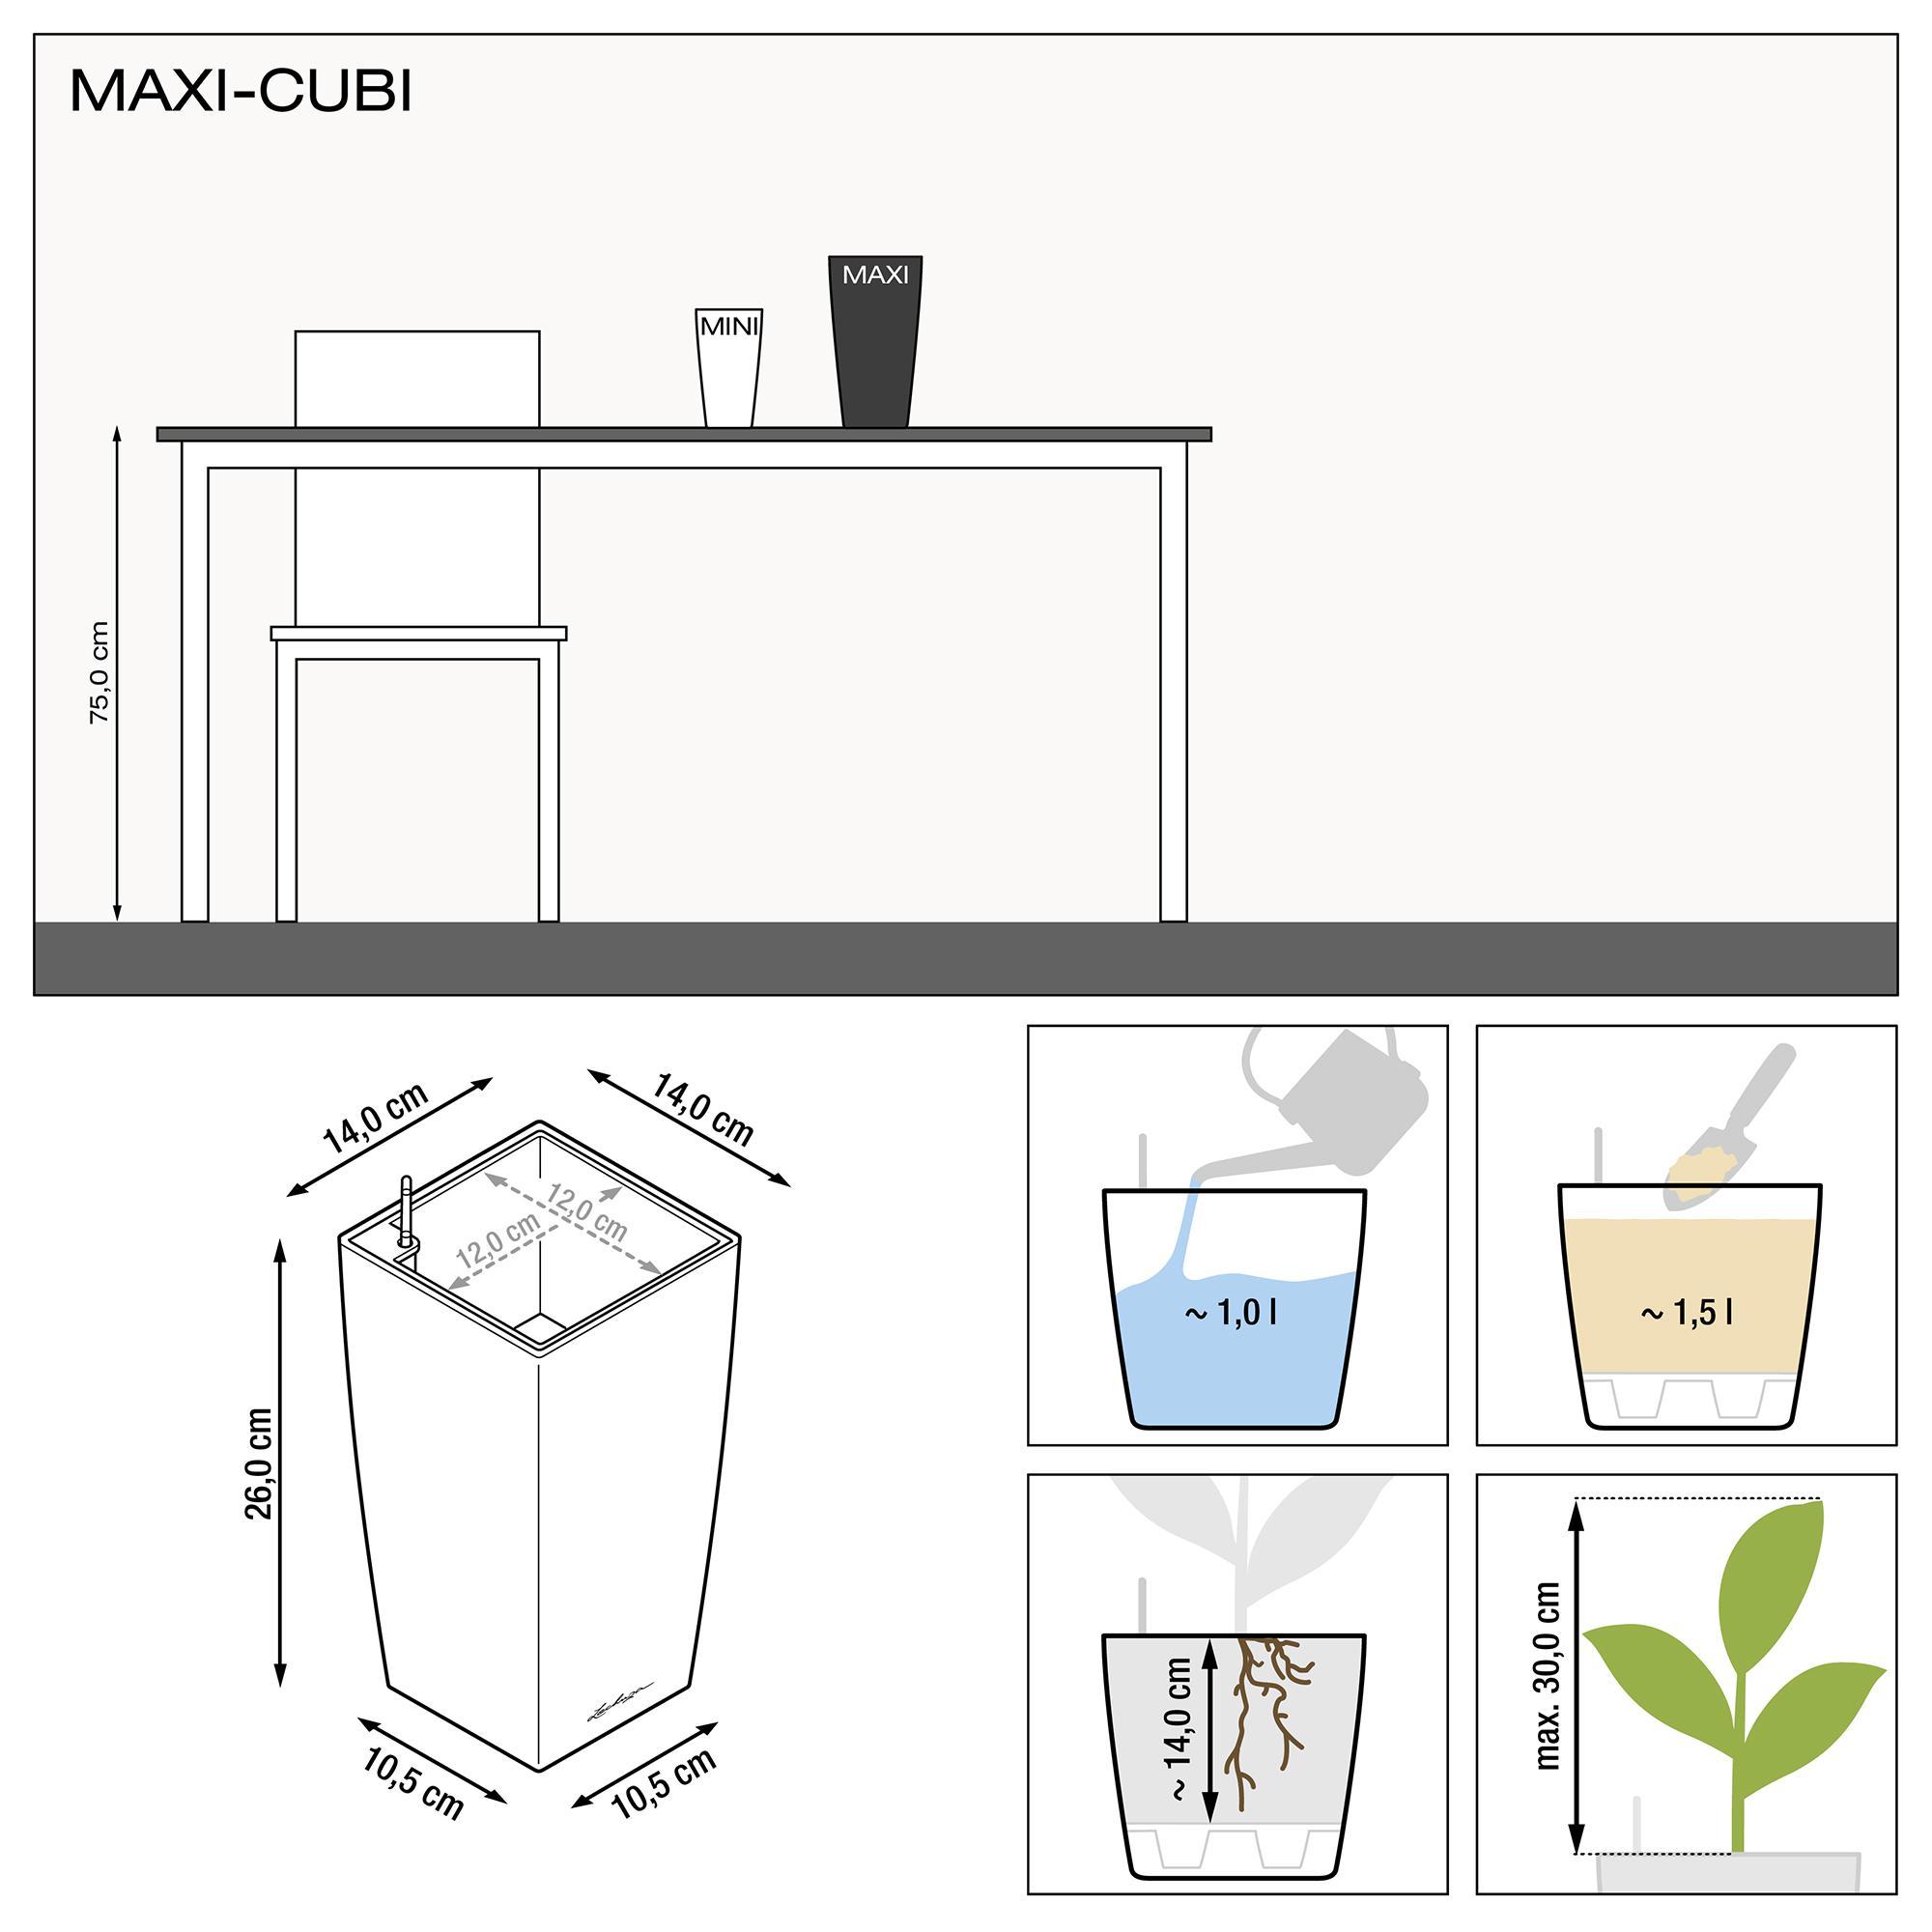 MAXI-CUBI espresso metallic - Image 3